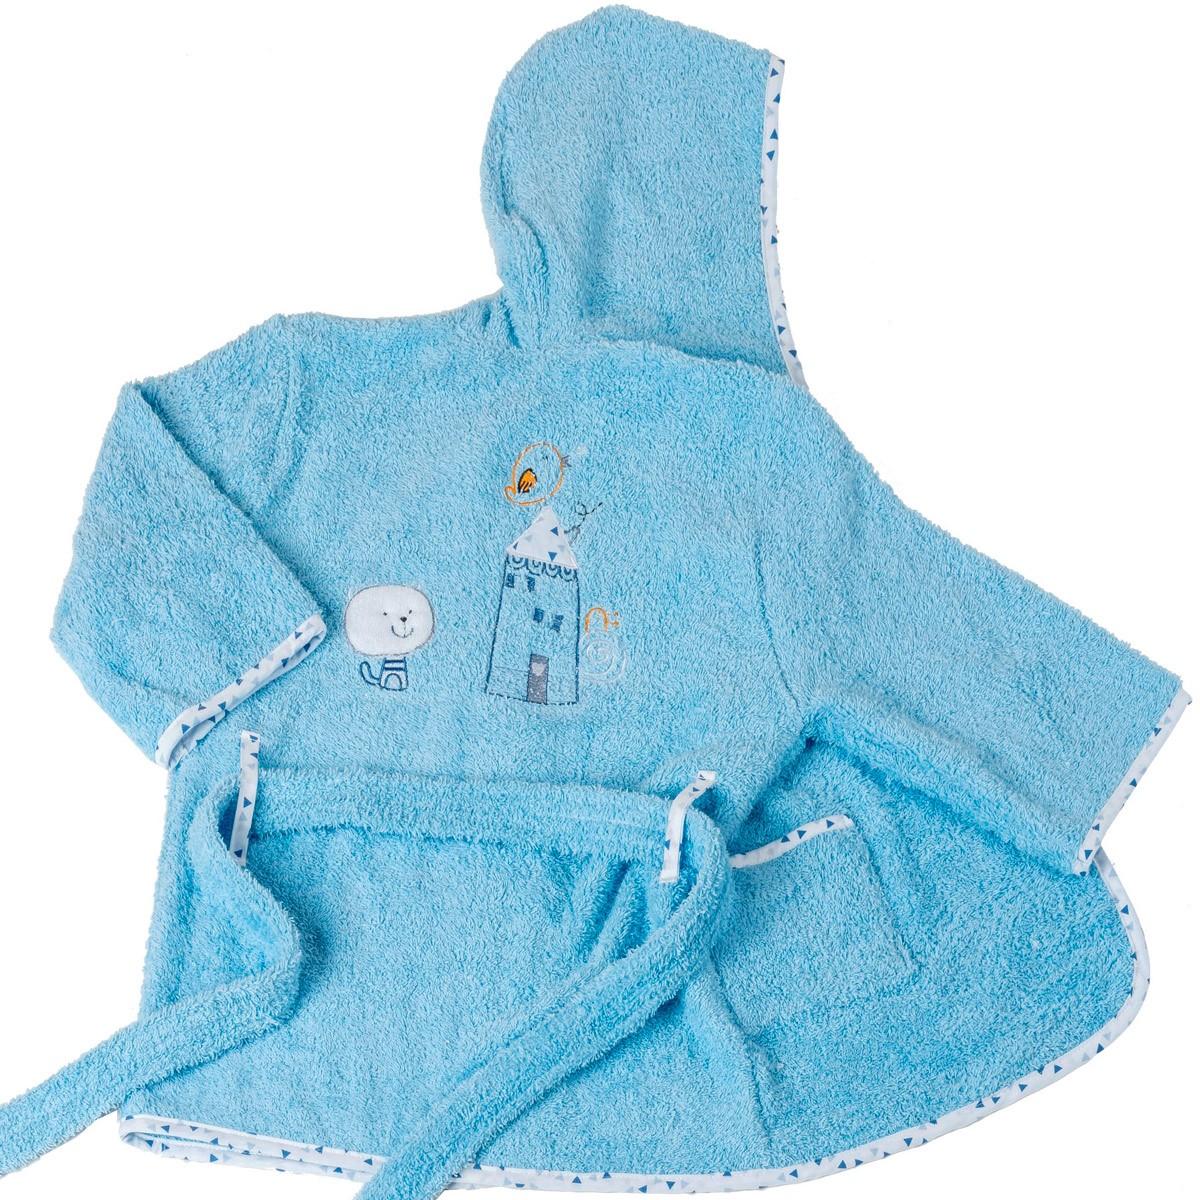 Παιδικό Μπουρνούζι Κόσμος Του Μωρού Home 4100 Σιέλ Νο6 Νο6 74602